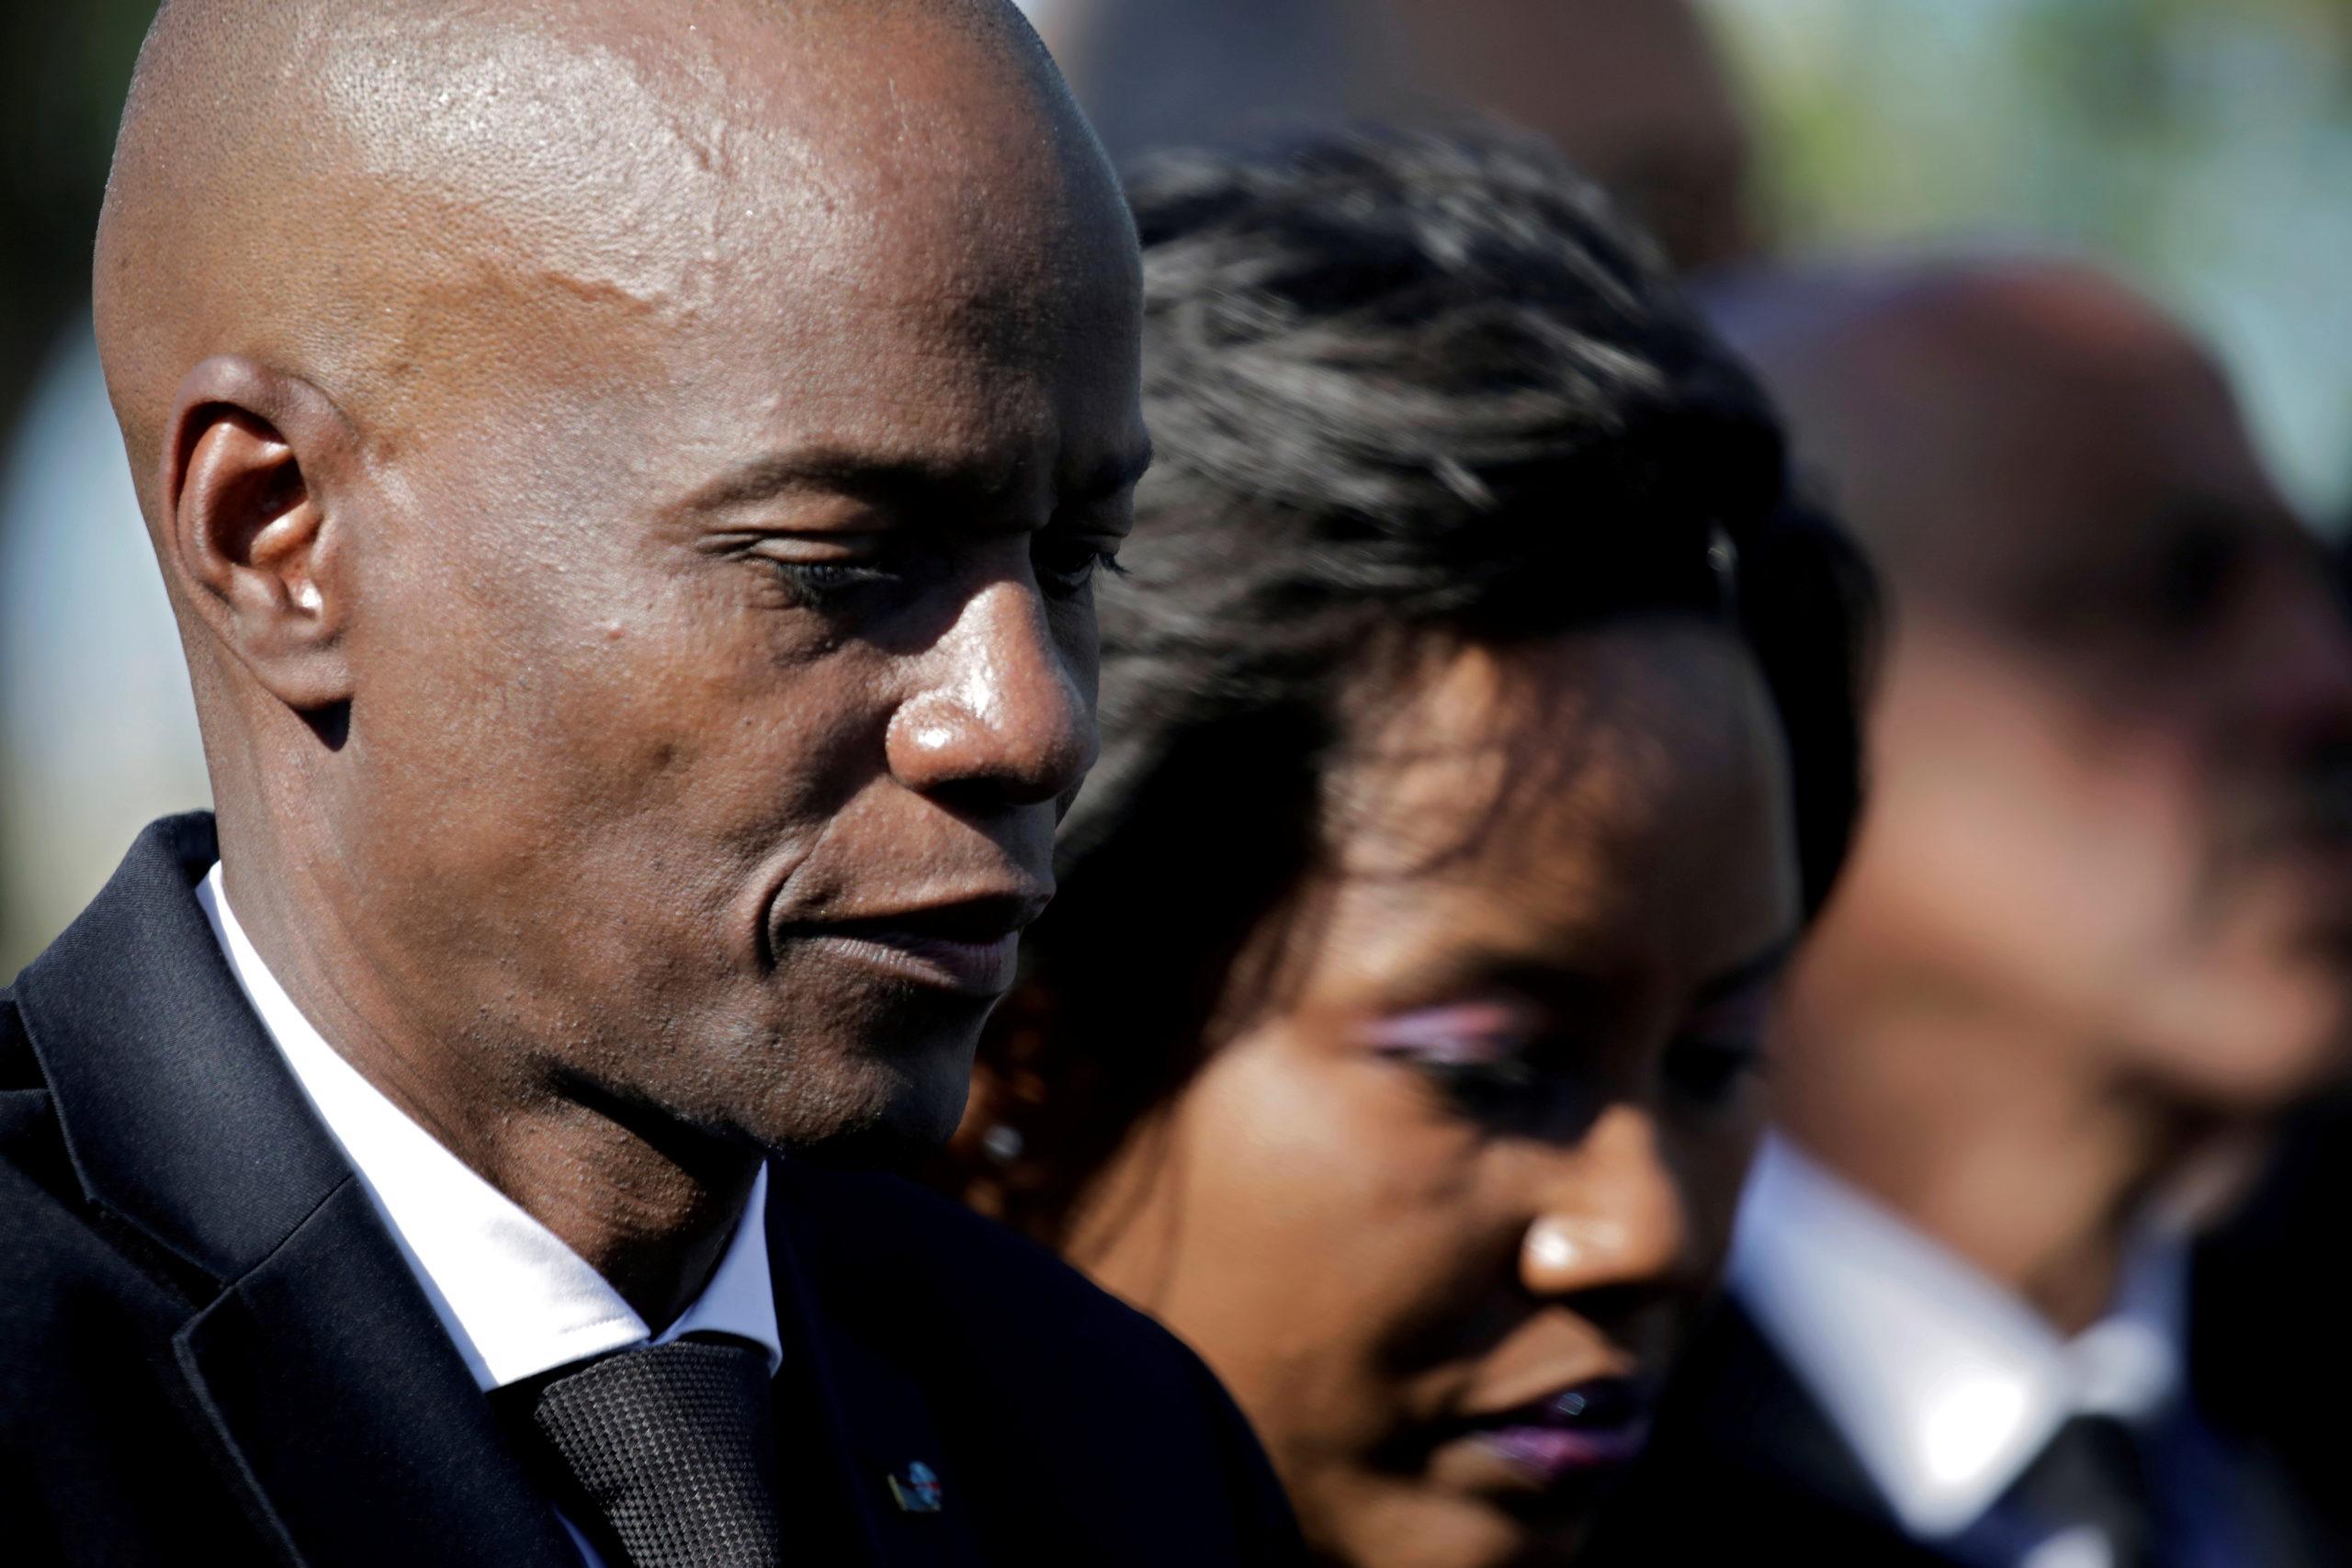 Foto de archivo del asesinado presidente de Haiti Jovenel Moise/Foto:EFE